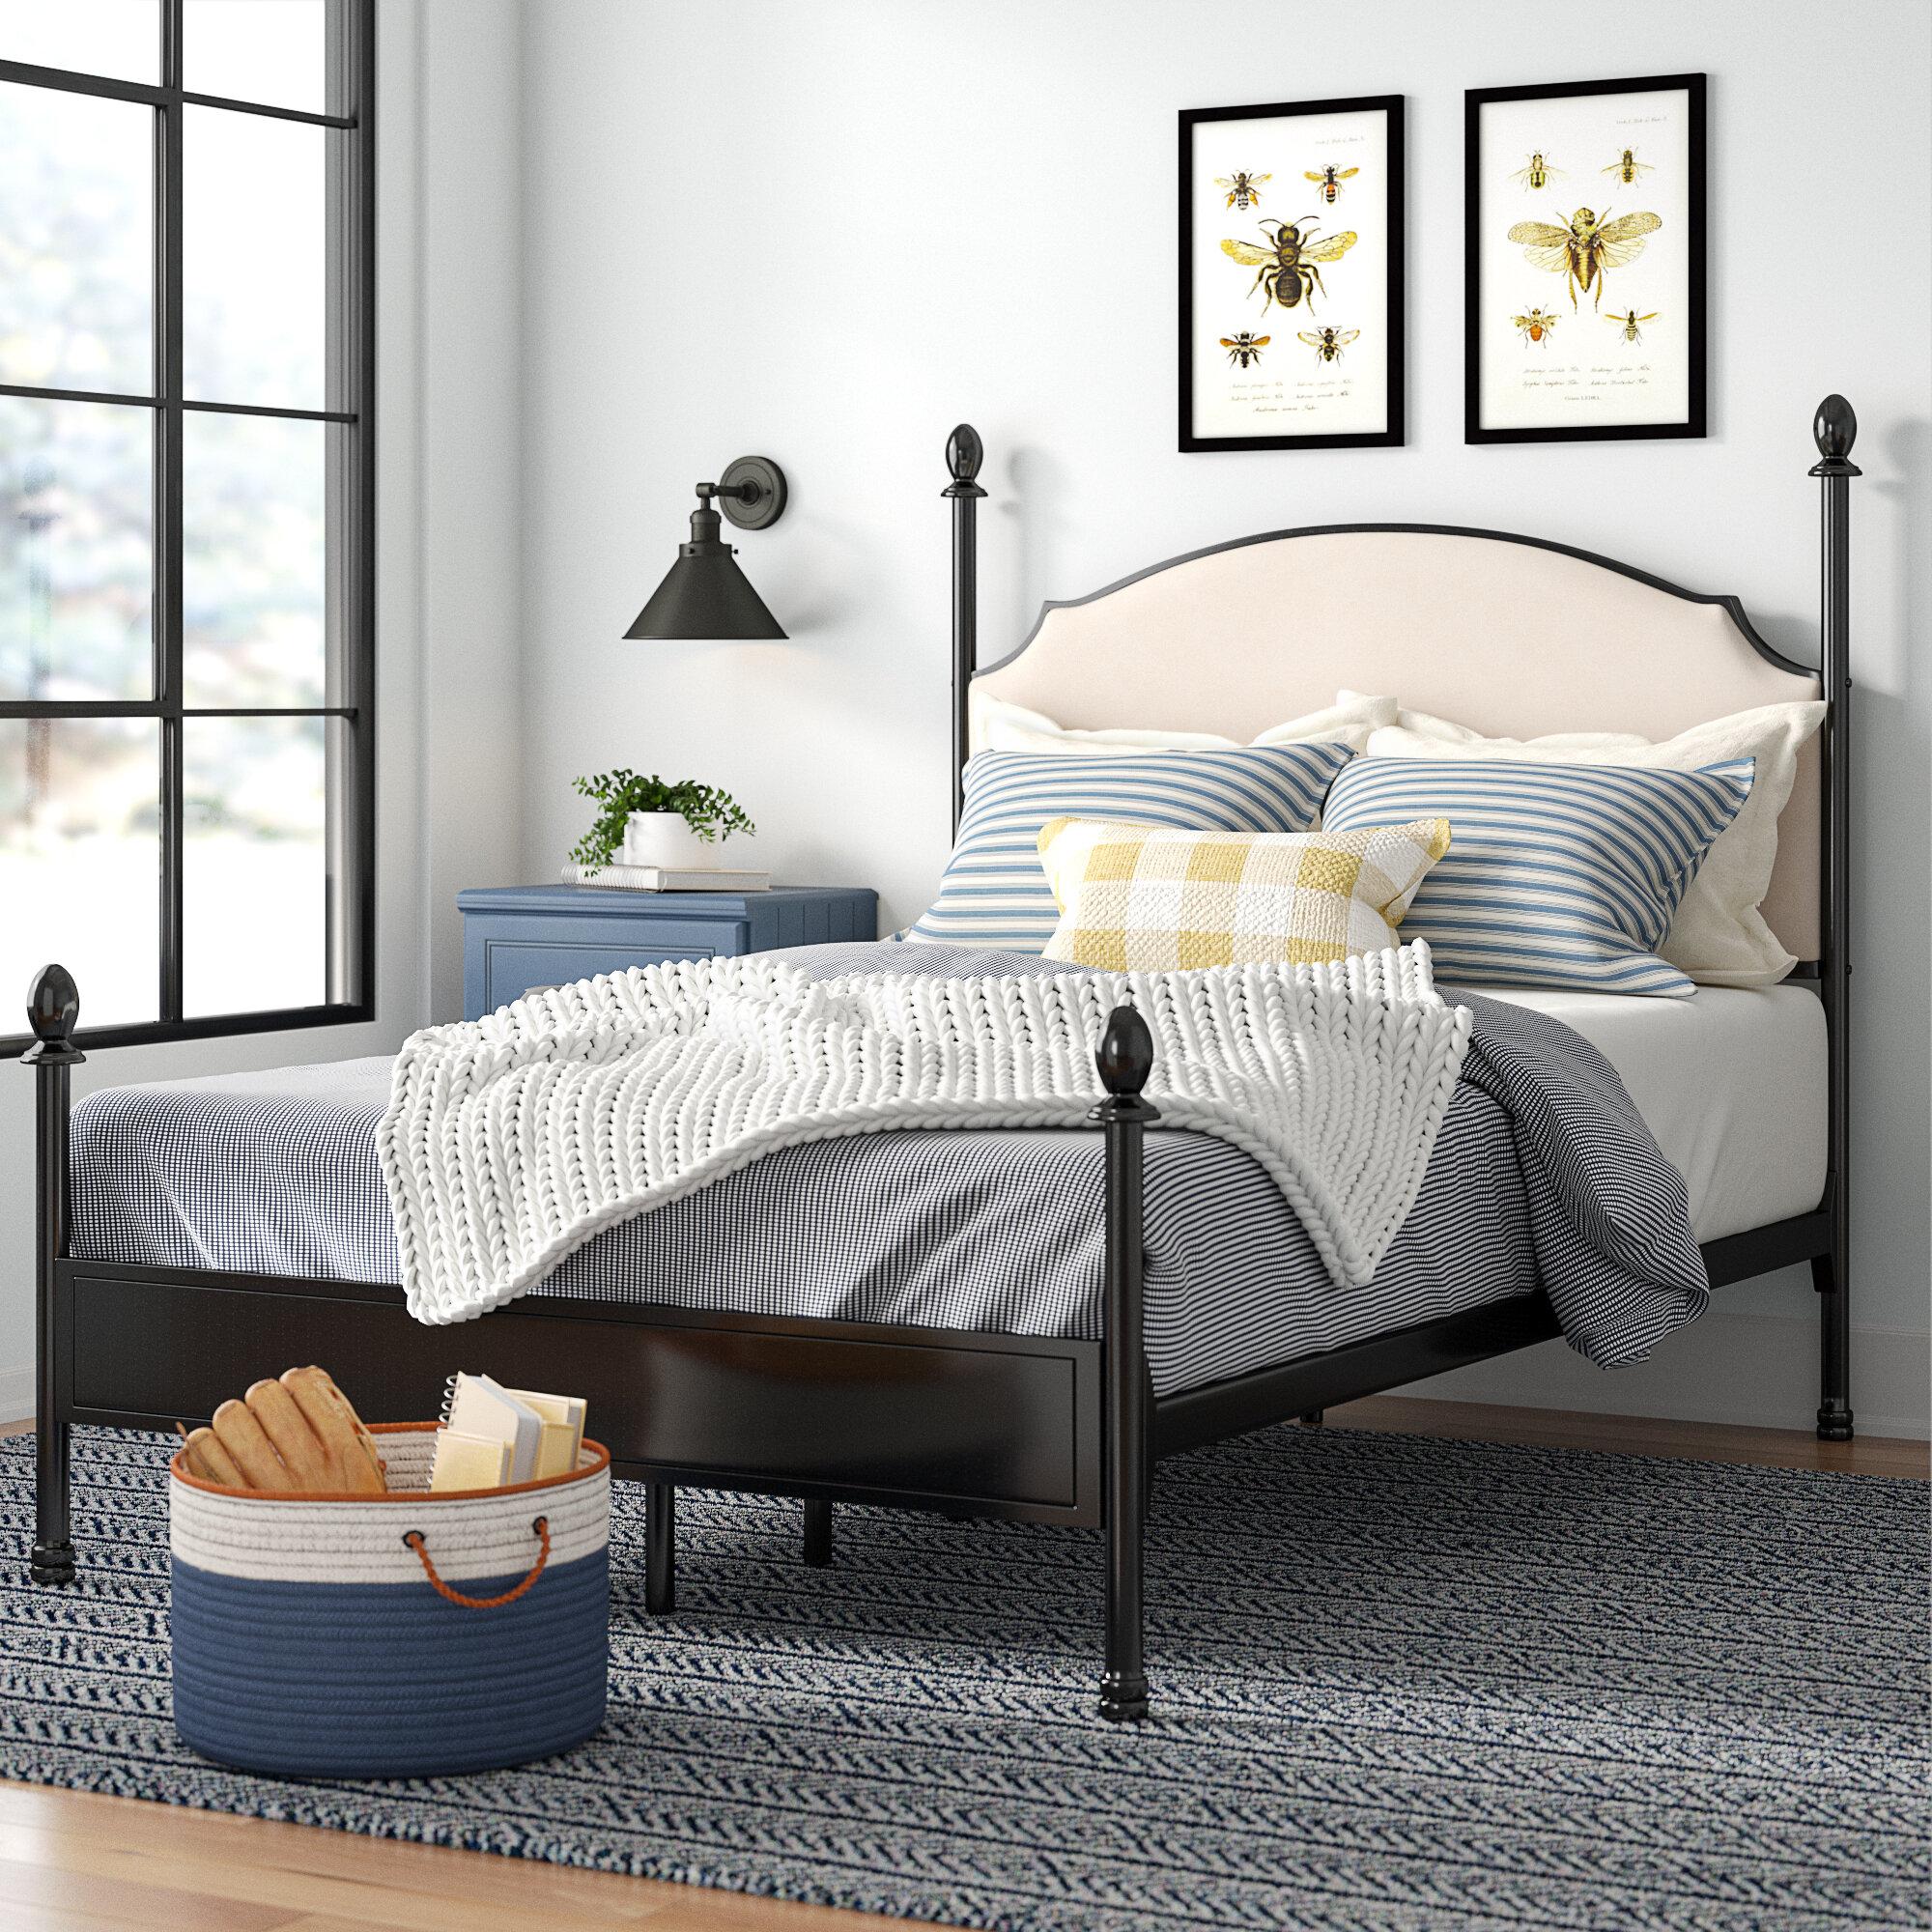 - Laurel Foundry Modern Farmhouse Granite Range Upholstered Canopy